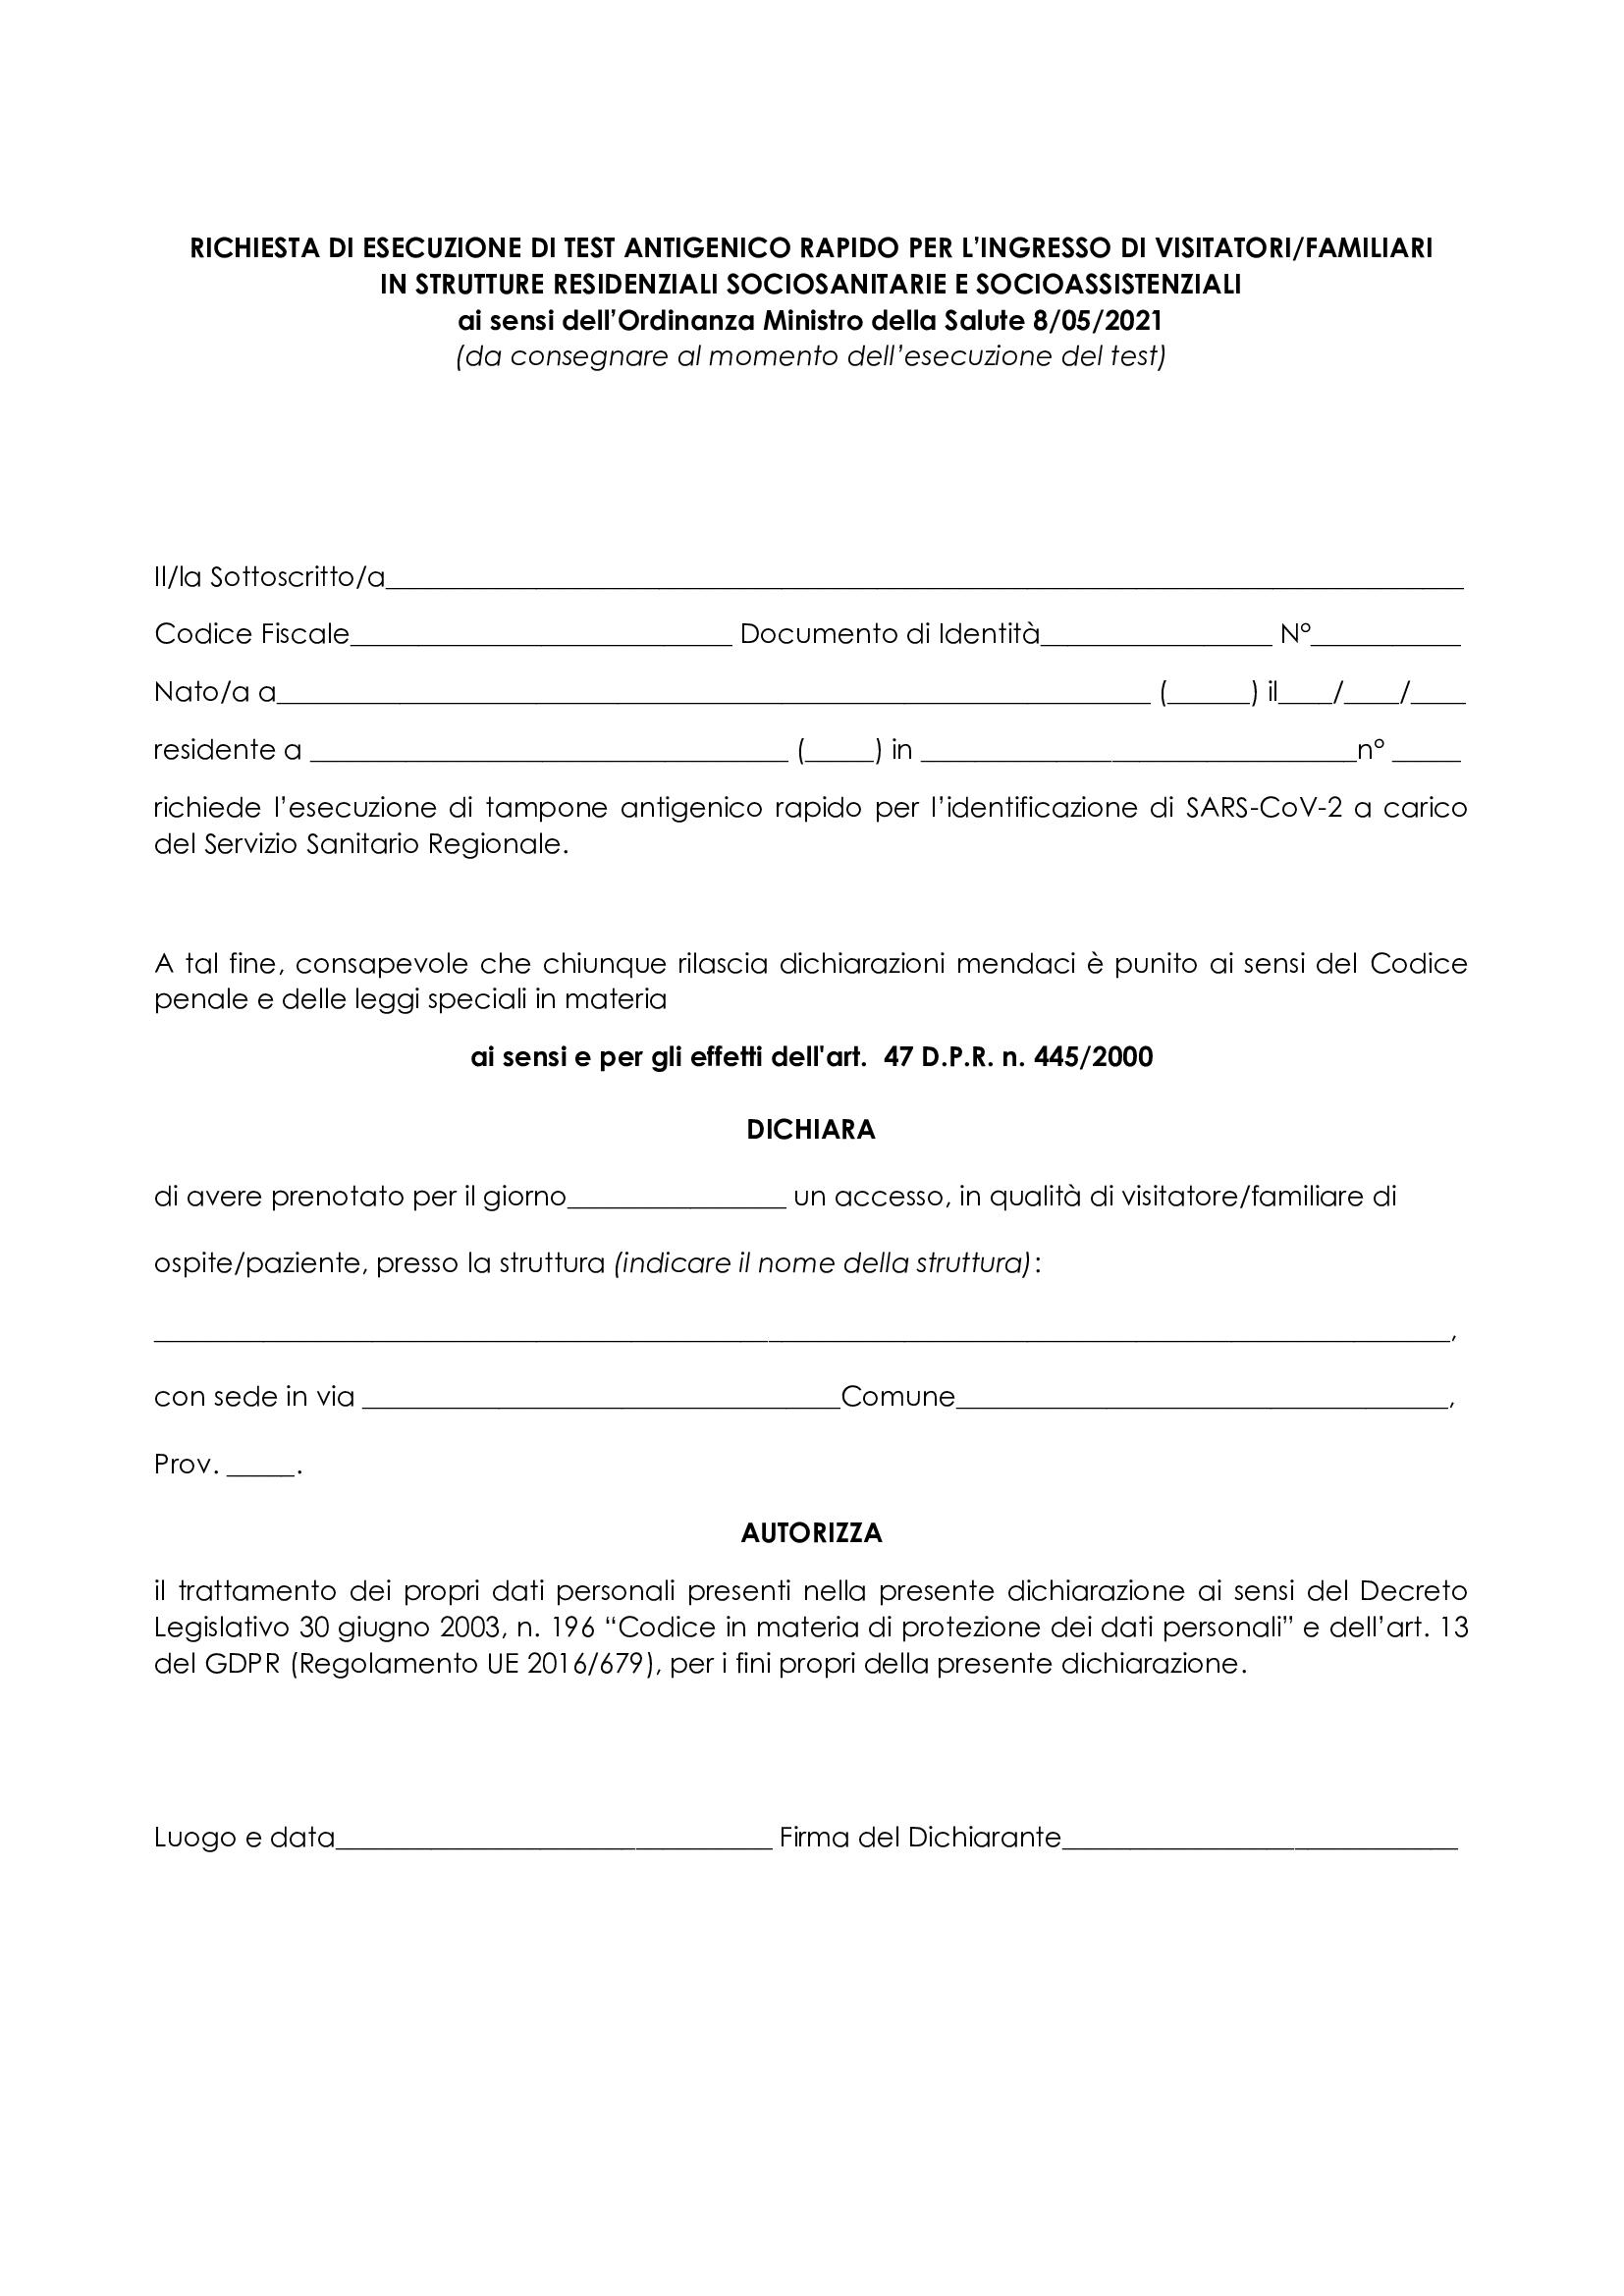 dichiarazione-per-tampone-visite-residenze-_002_v2